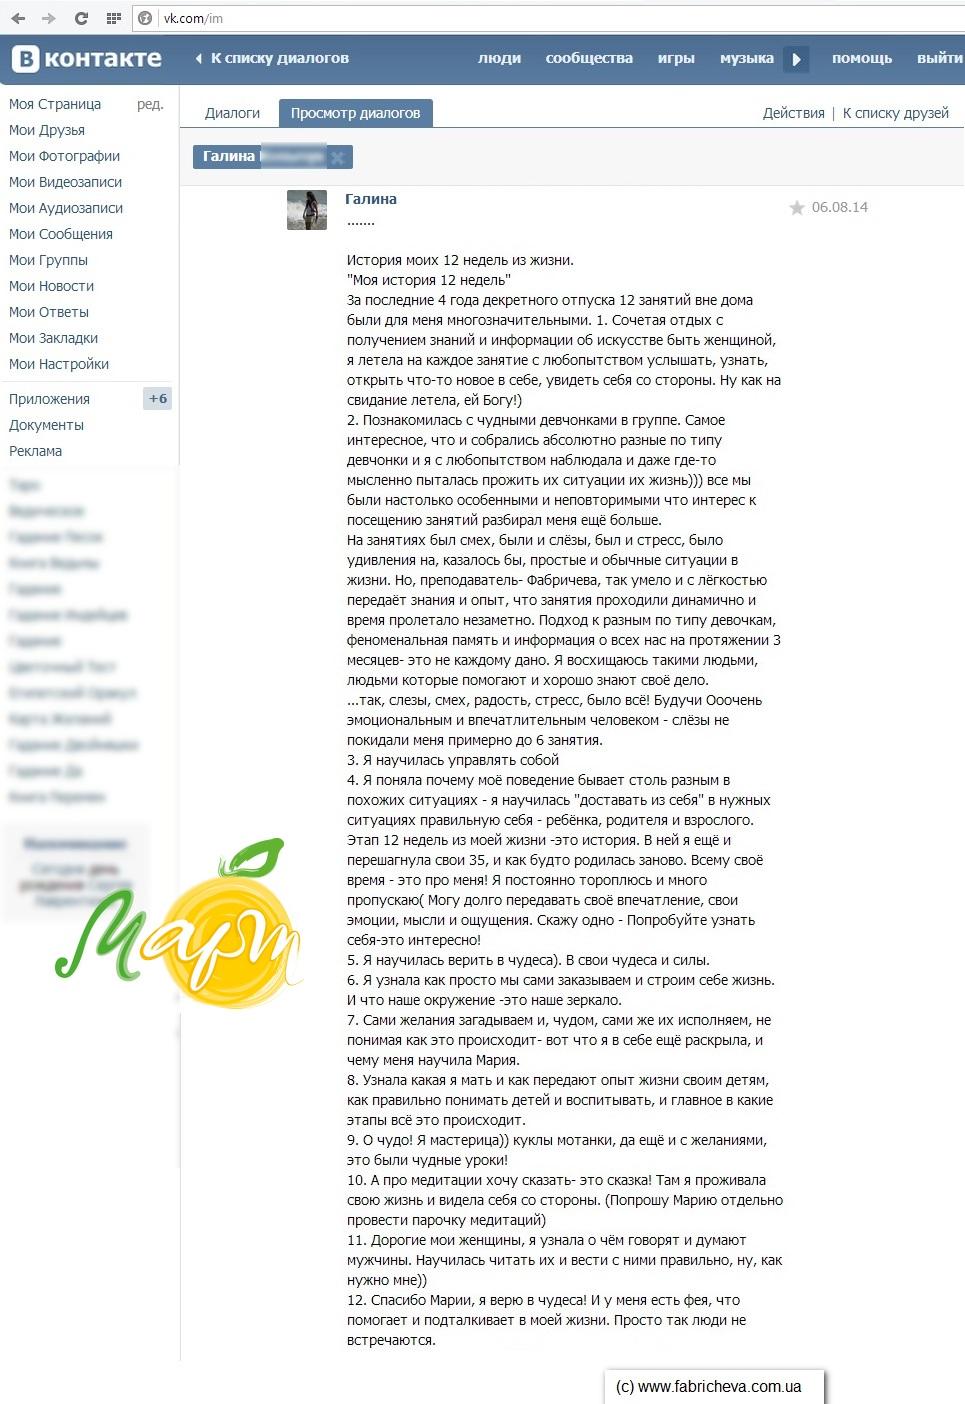 Галина отзыв